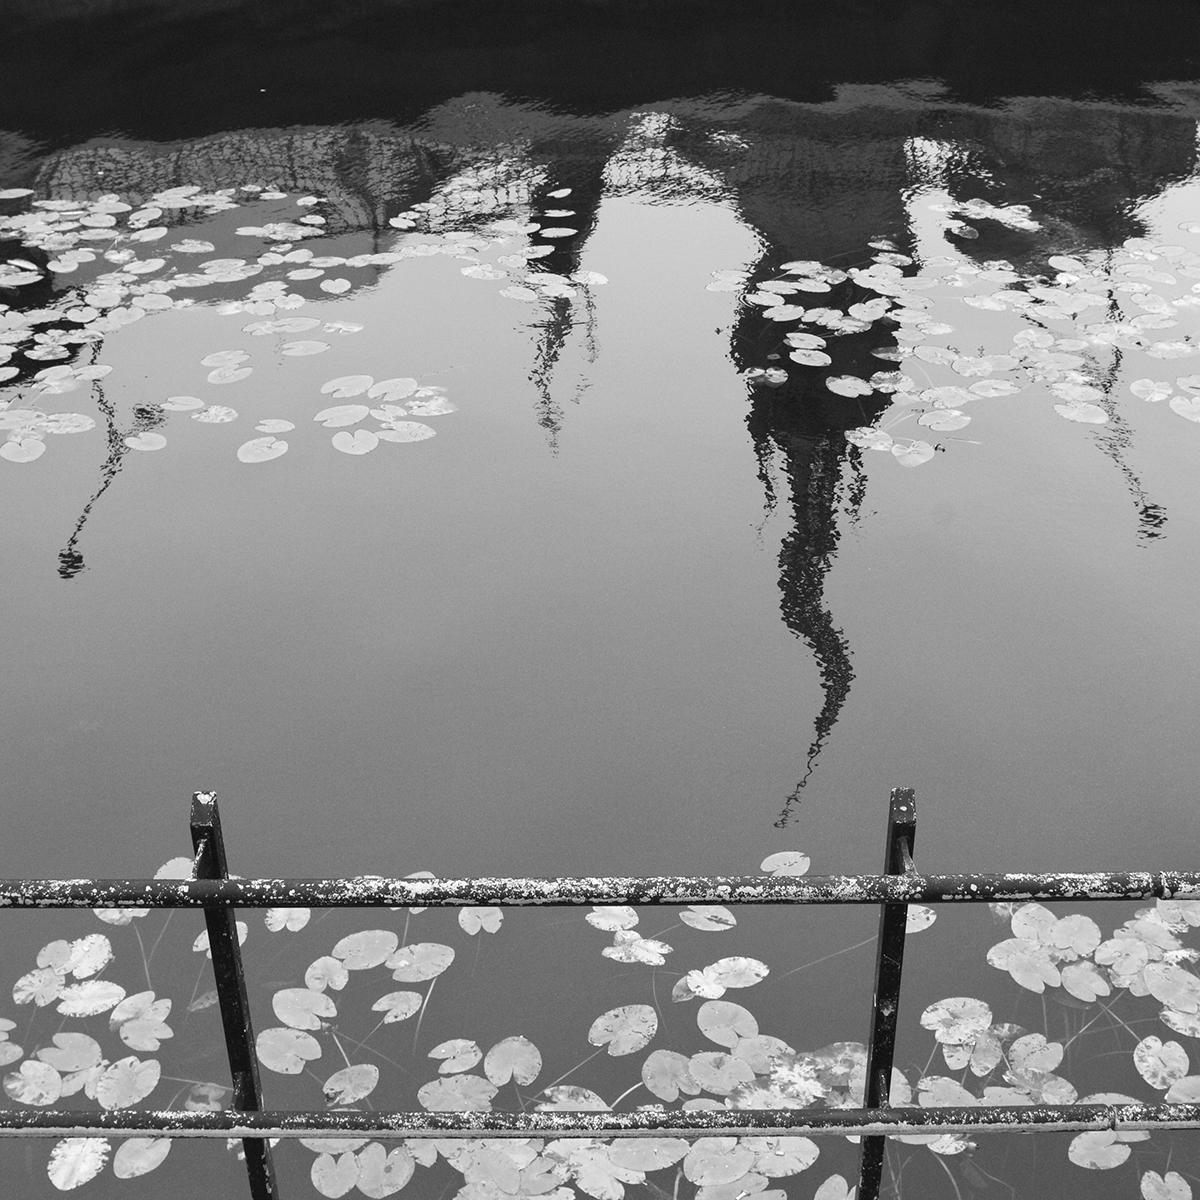 © Malin Jochumsen Titel: Riddarholmen  Plats/Datum: Stockholm 2010 Bildmått: 40x40 cm (pappersstorlek 50x50 cm)  Teknik: Arkivbeständig pigmentbläckutskrift  Träram med passepartout  50x50 cm  Upplaga: 20 Signerad: Ja  Pris: SEK 3900